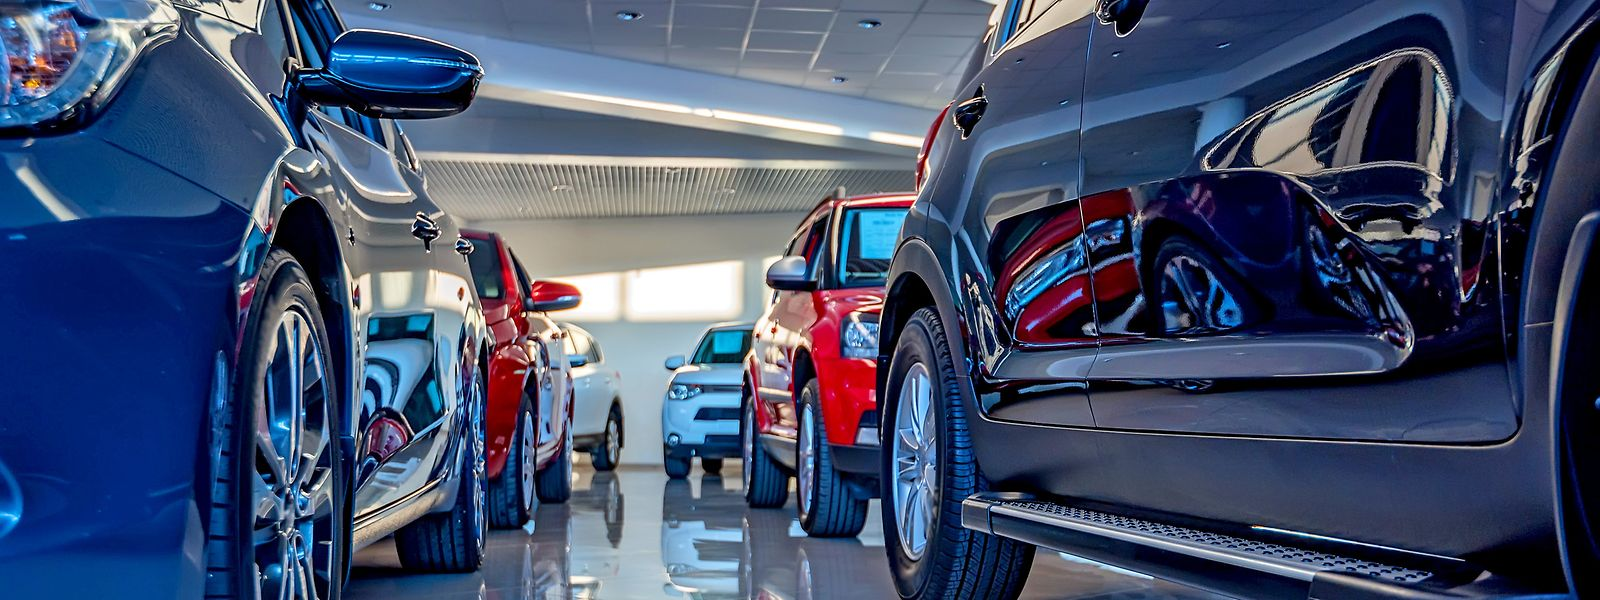 Bei den Luxemburger Autohändlern warten unzählige Fahrzeuge auf ihre Übergabe an die Kunden.